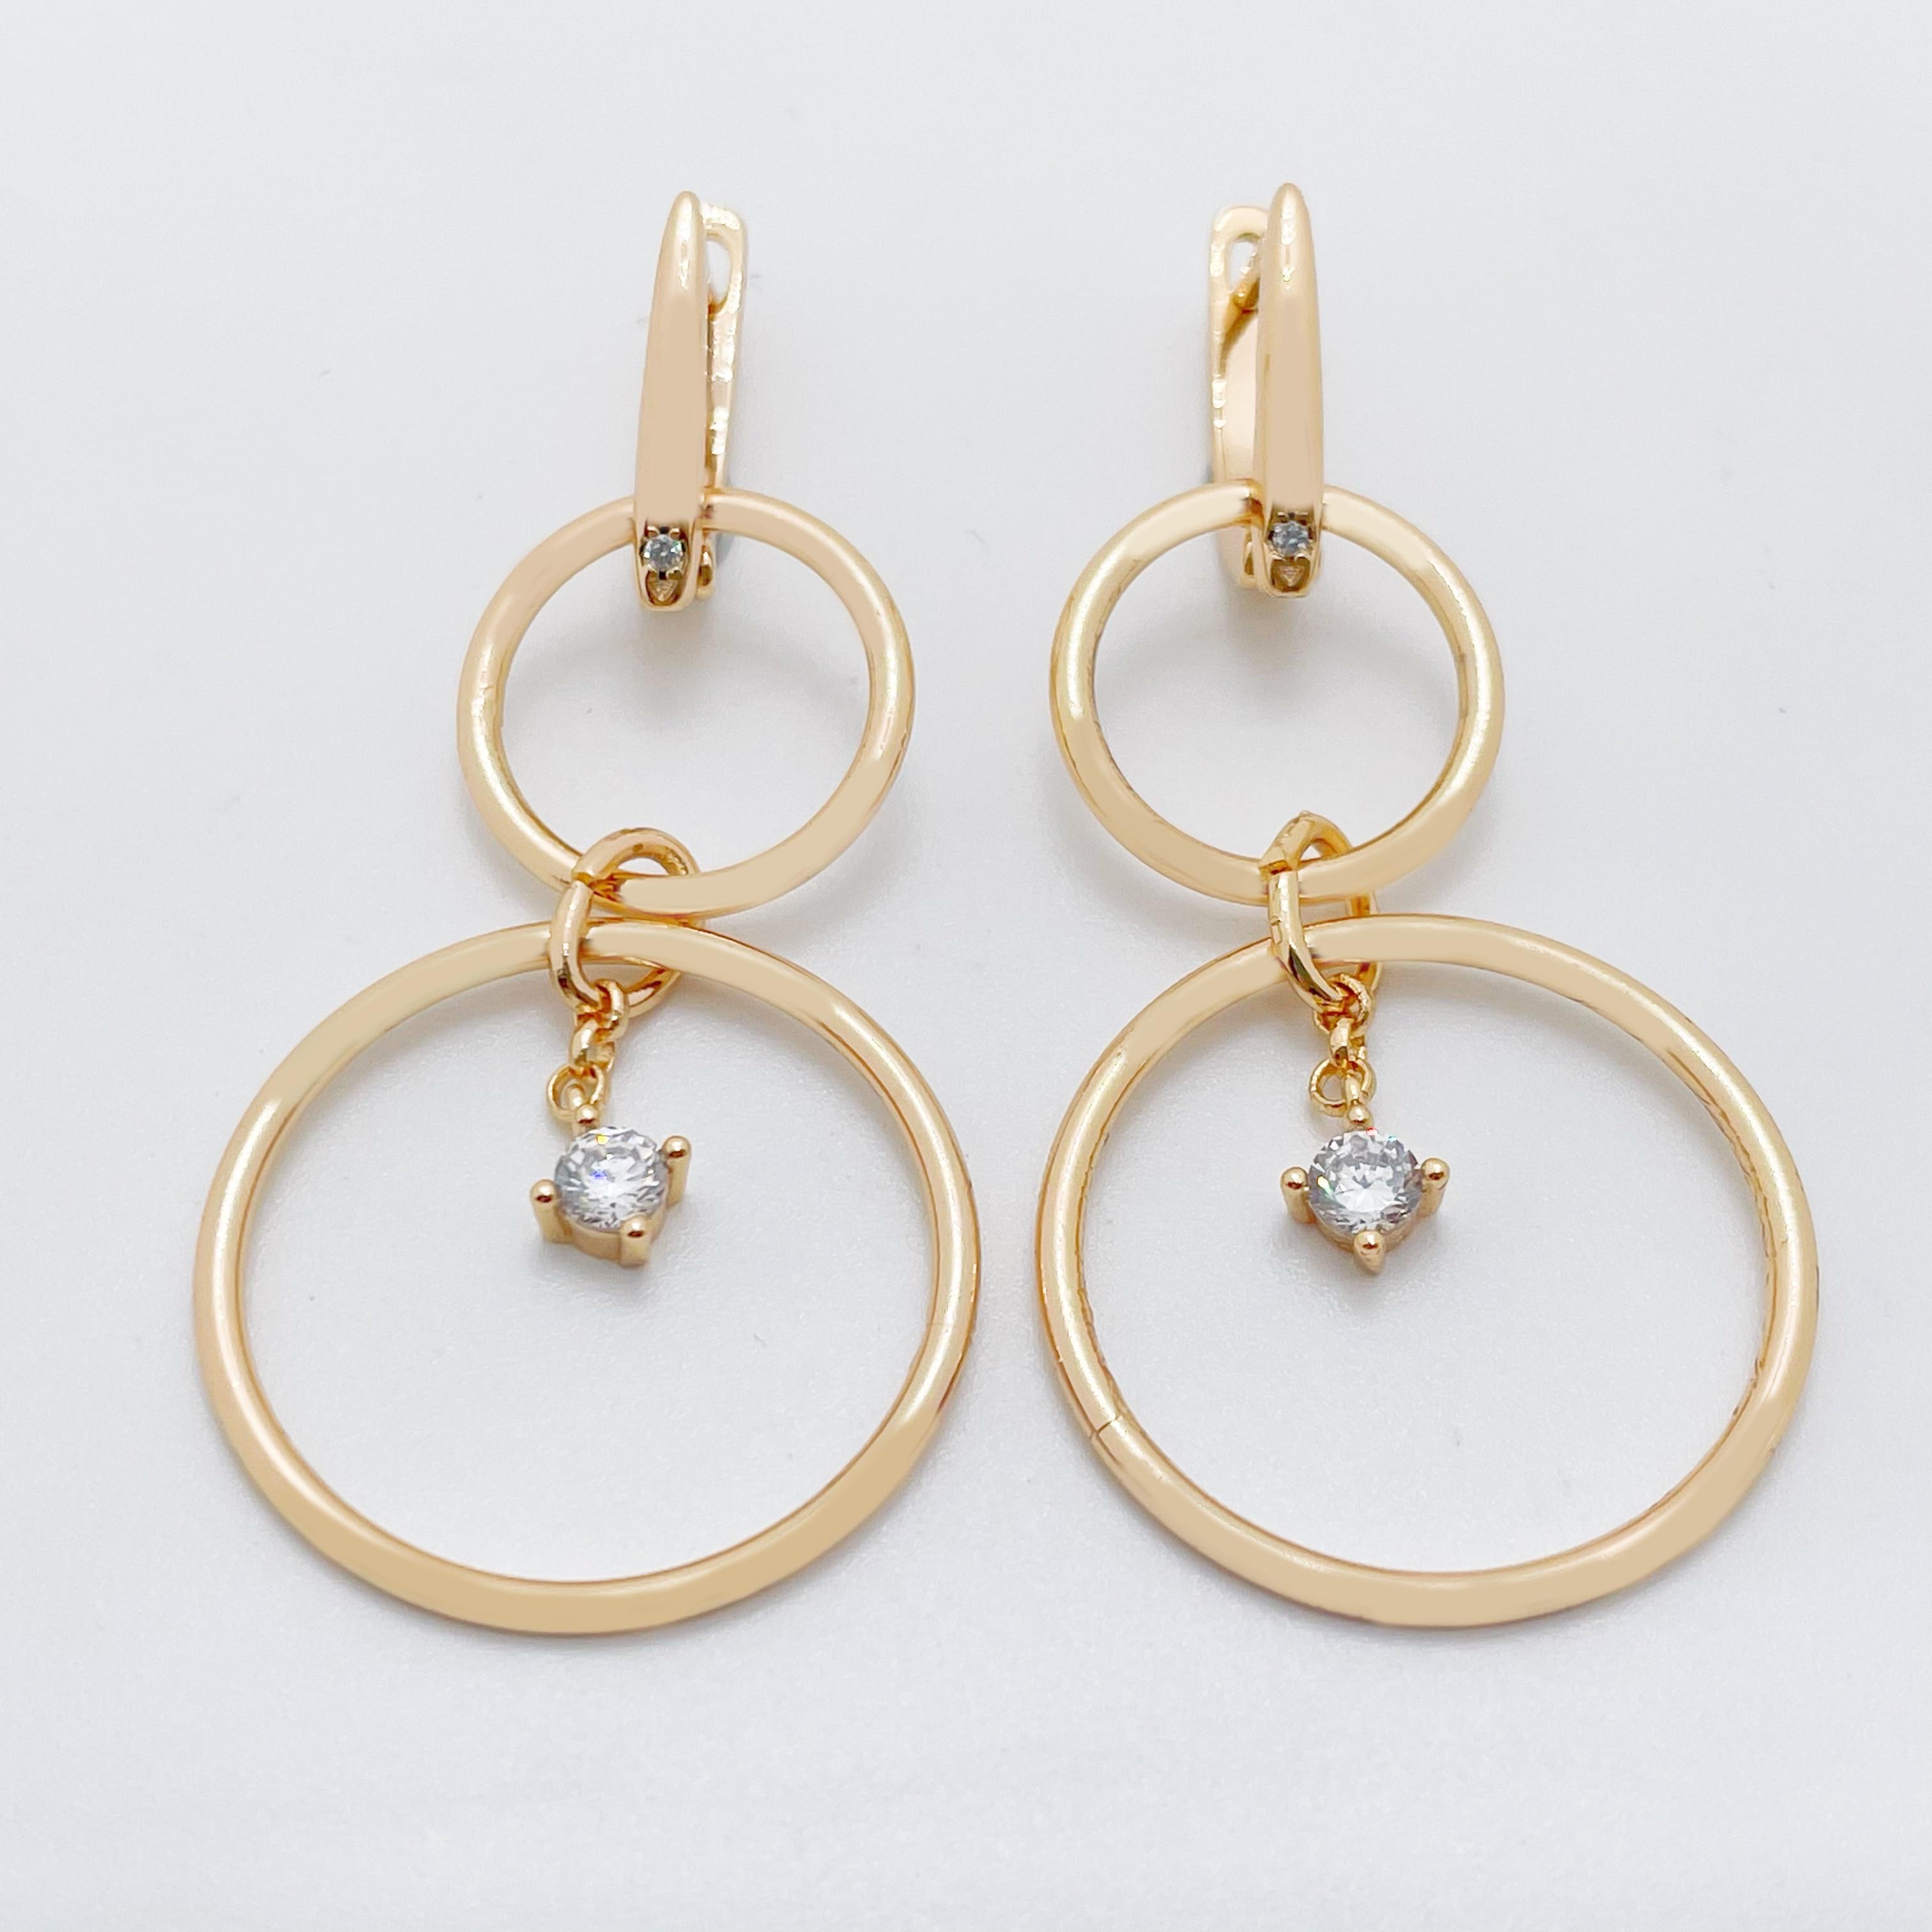 Новое поступление длинные серьги из белого натурального циркона 585 цвета розового золота офисный стиль Топ Модные женские повседневные ювелирные изделия